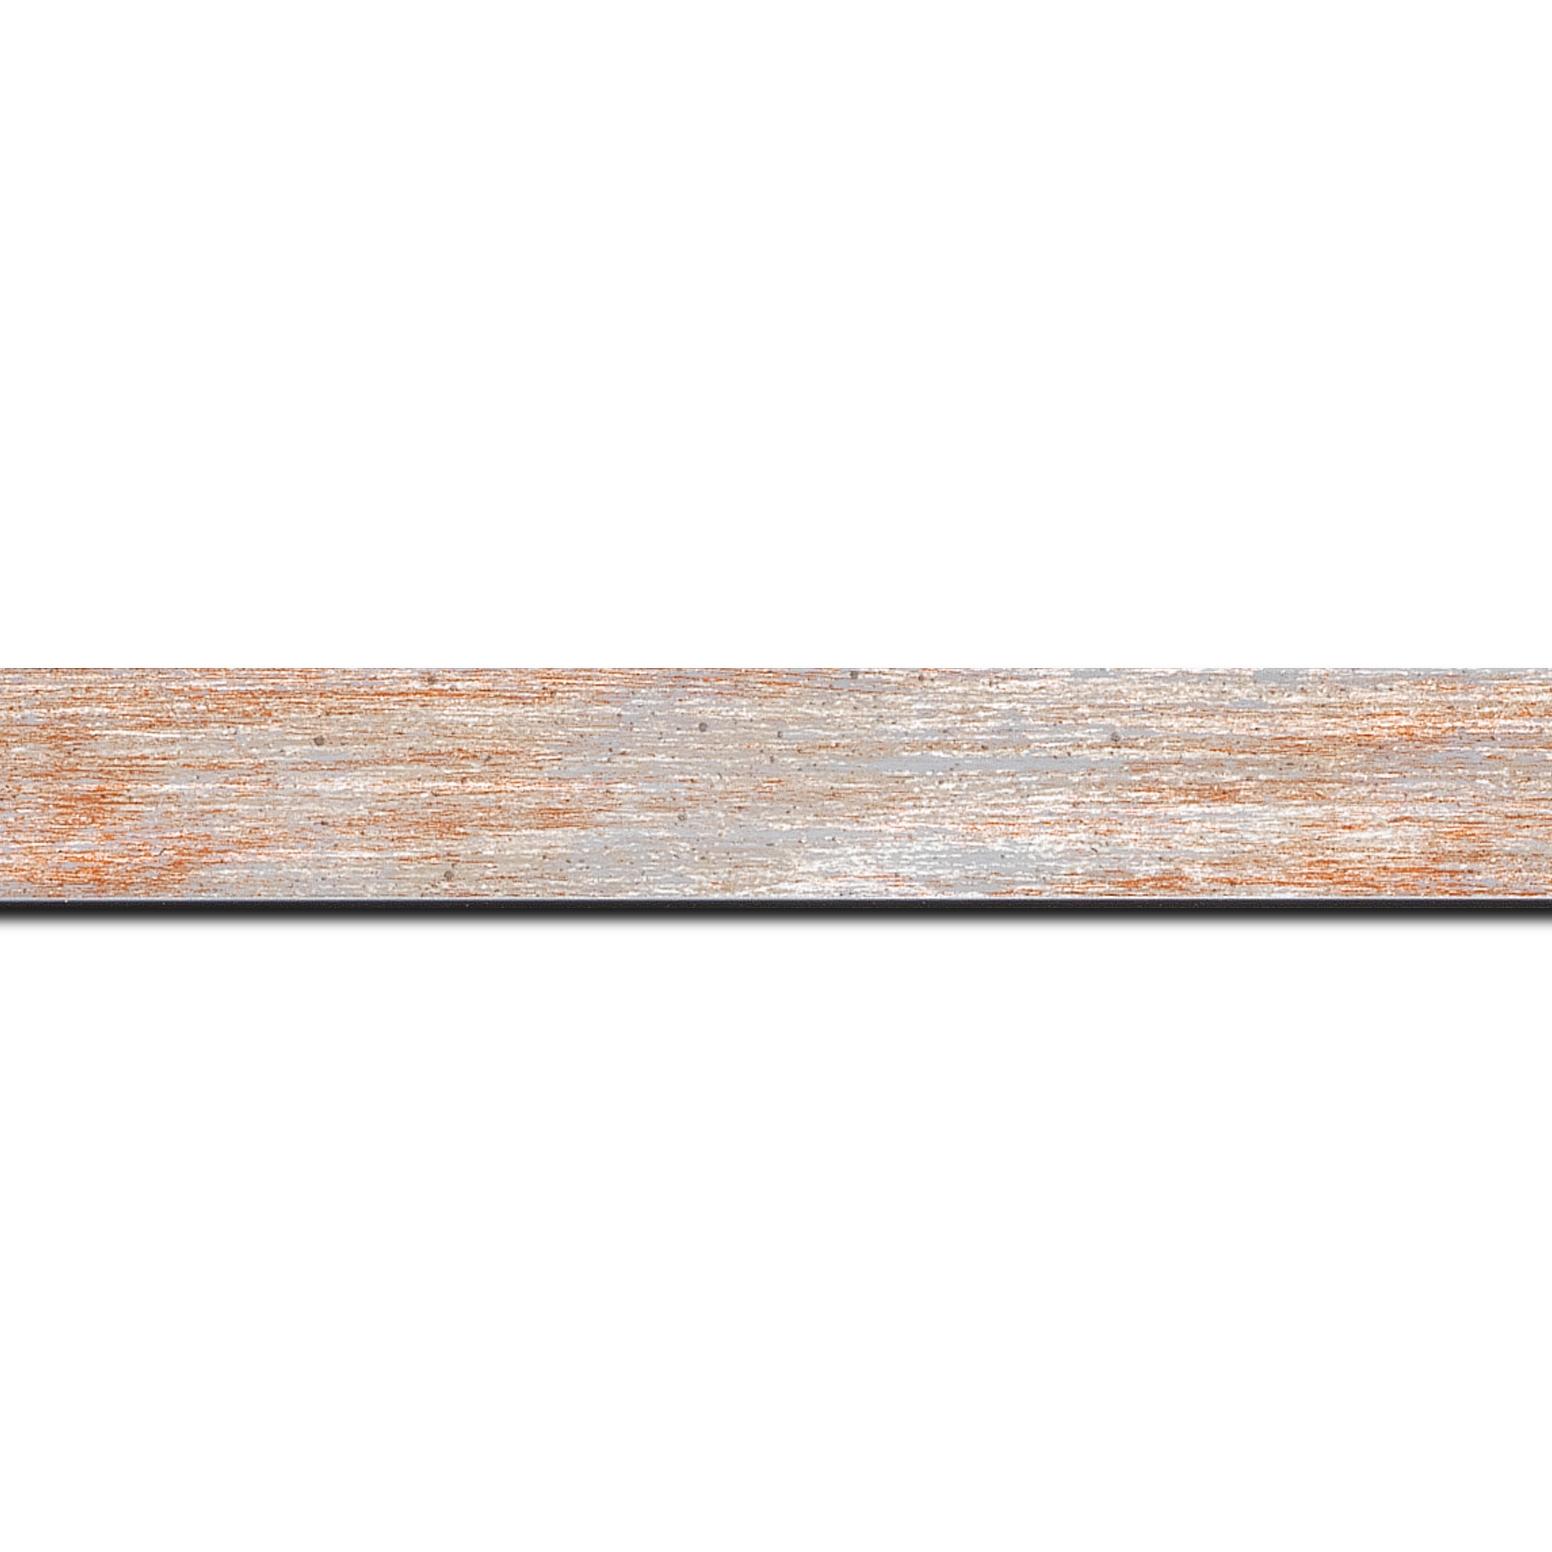 Pack par 12m, bois profil concave largeur 2.4cm de couleur rouge pale fond argent (longueur baguette pouvant varier entre 2.40m et 3m selon arrivage des bois)